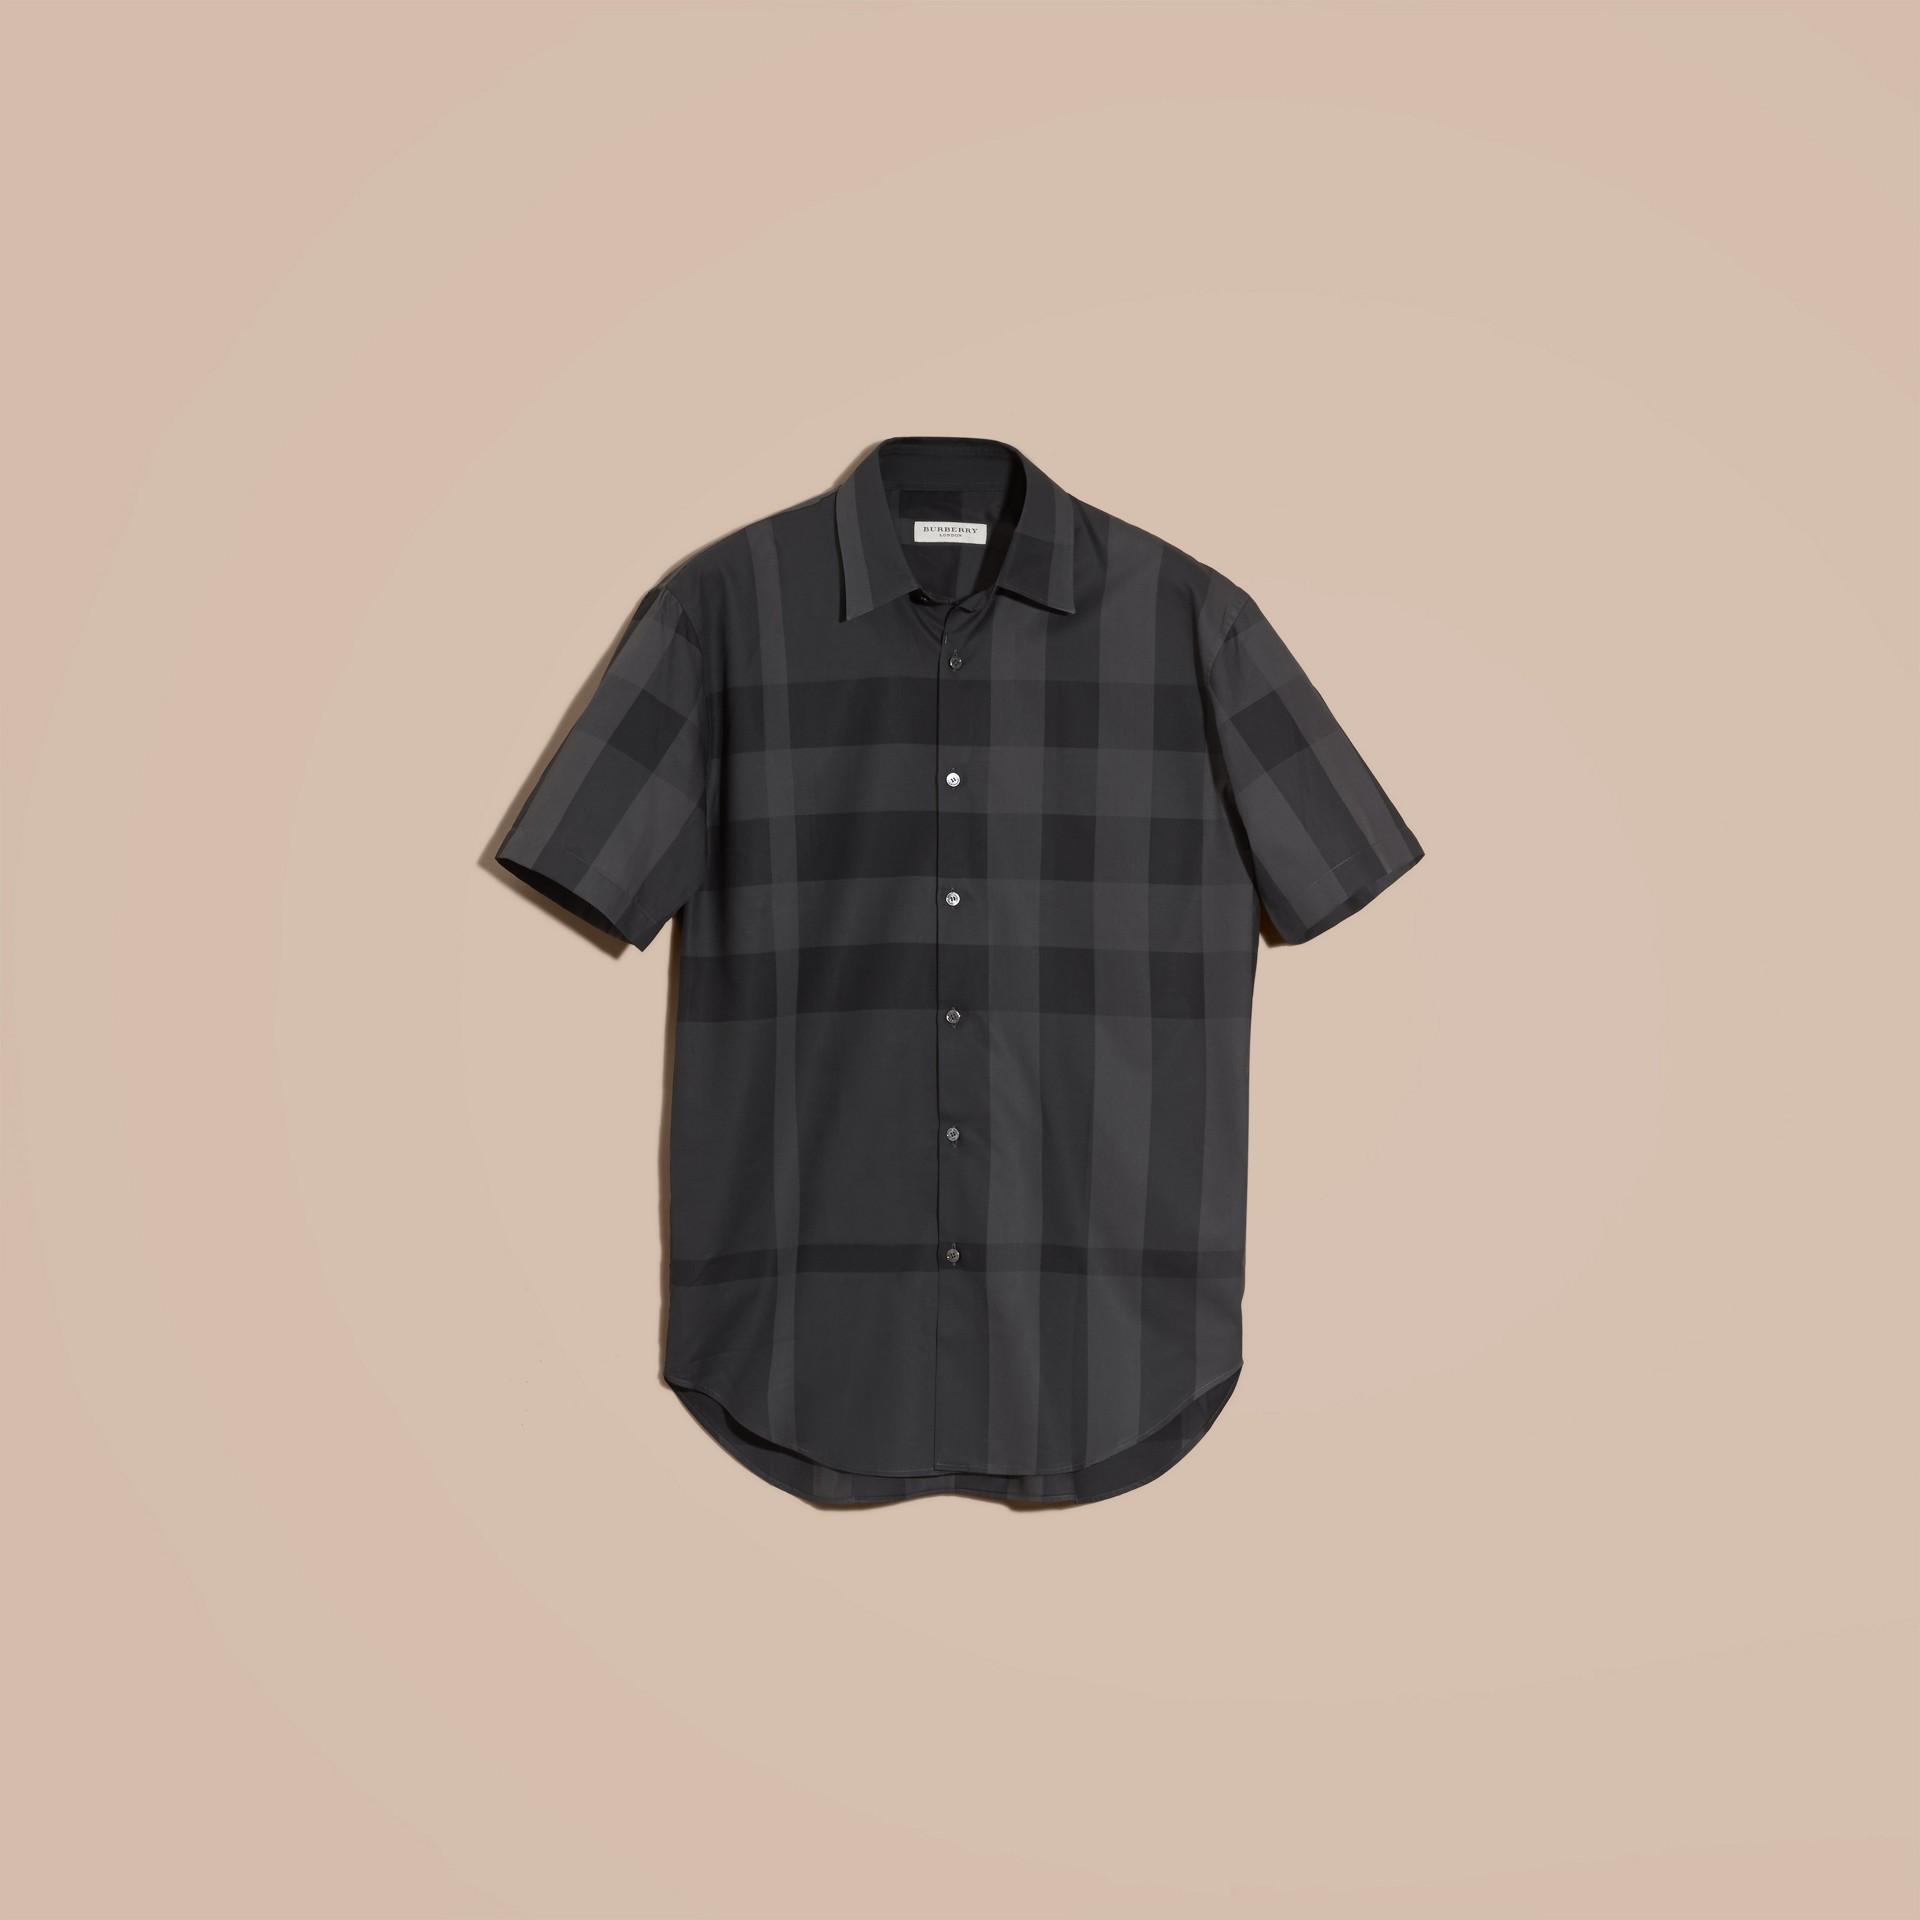 Gris marengo Camisa de manga corta en algodón con estampado de checks Gris Marengo - imagen de la galería 4